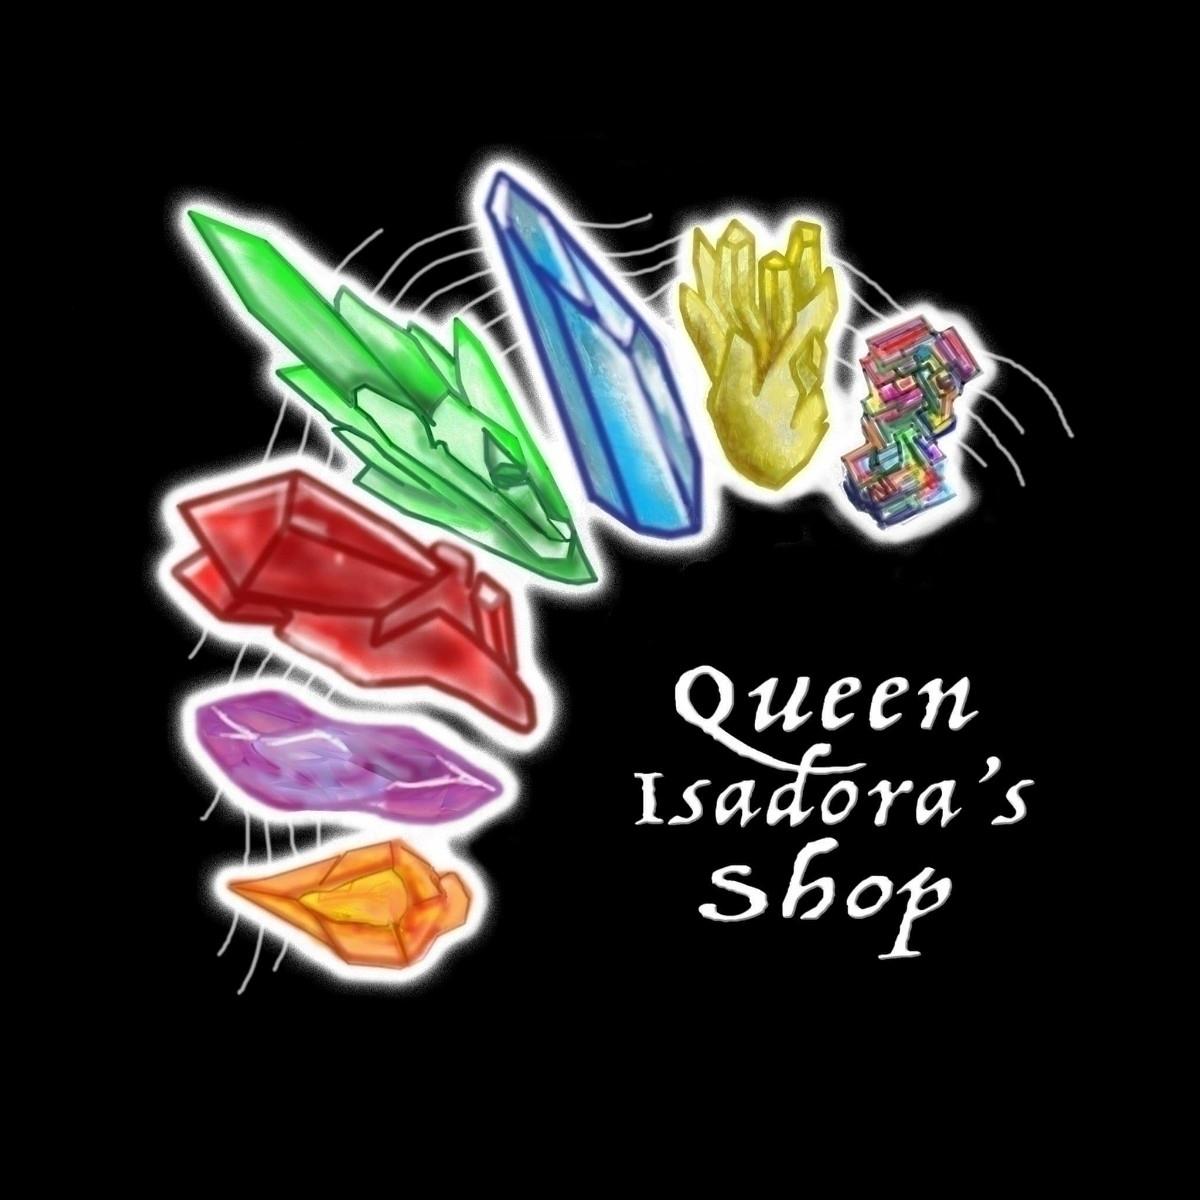 Ello page small business, Queen - queenisadora | ello